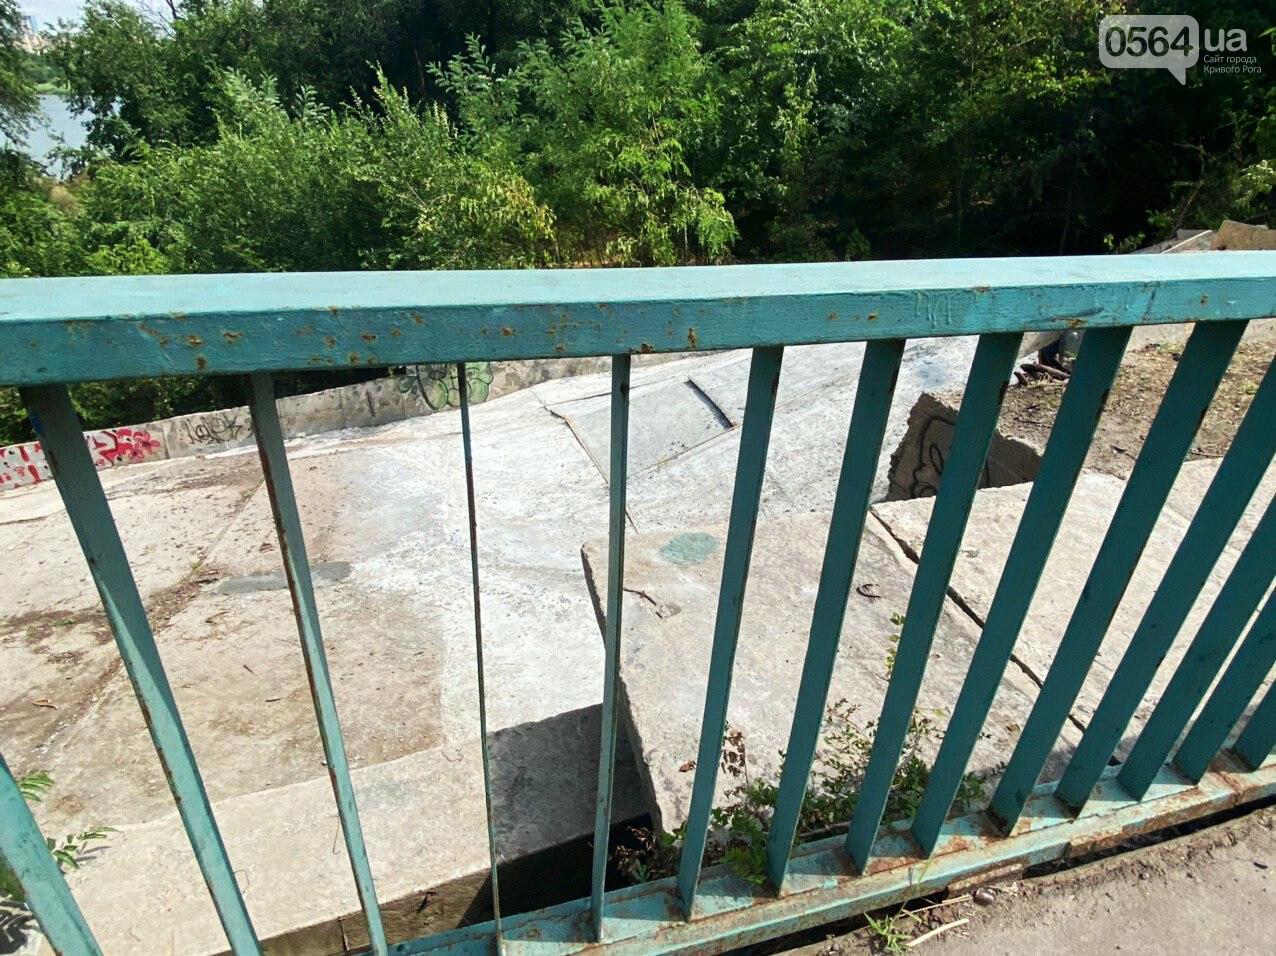 В Кривом Роге опять ремонтируют мост, где 5 лет назад произошло ЧП, - ФОТО , фото-24